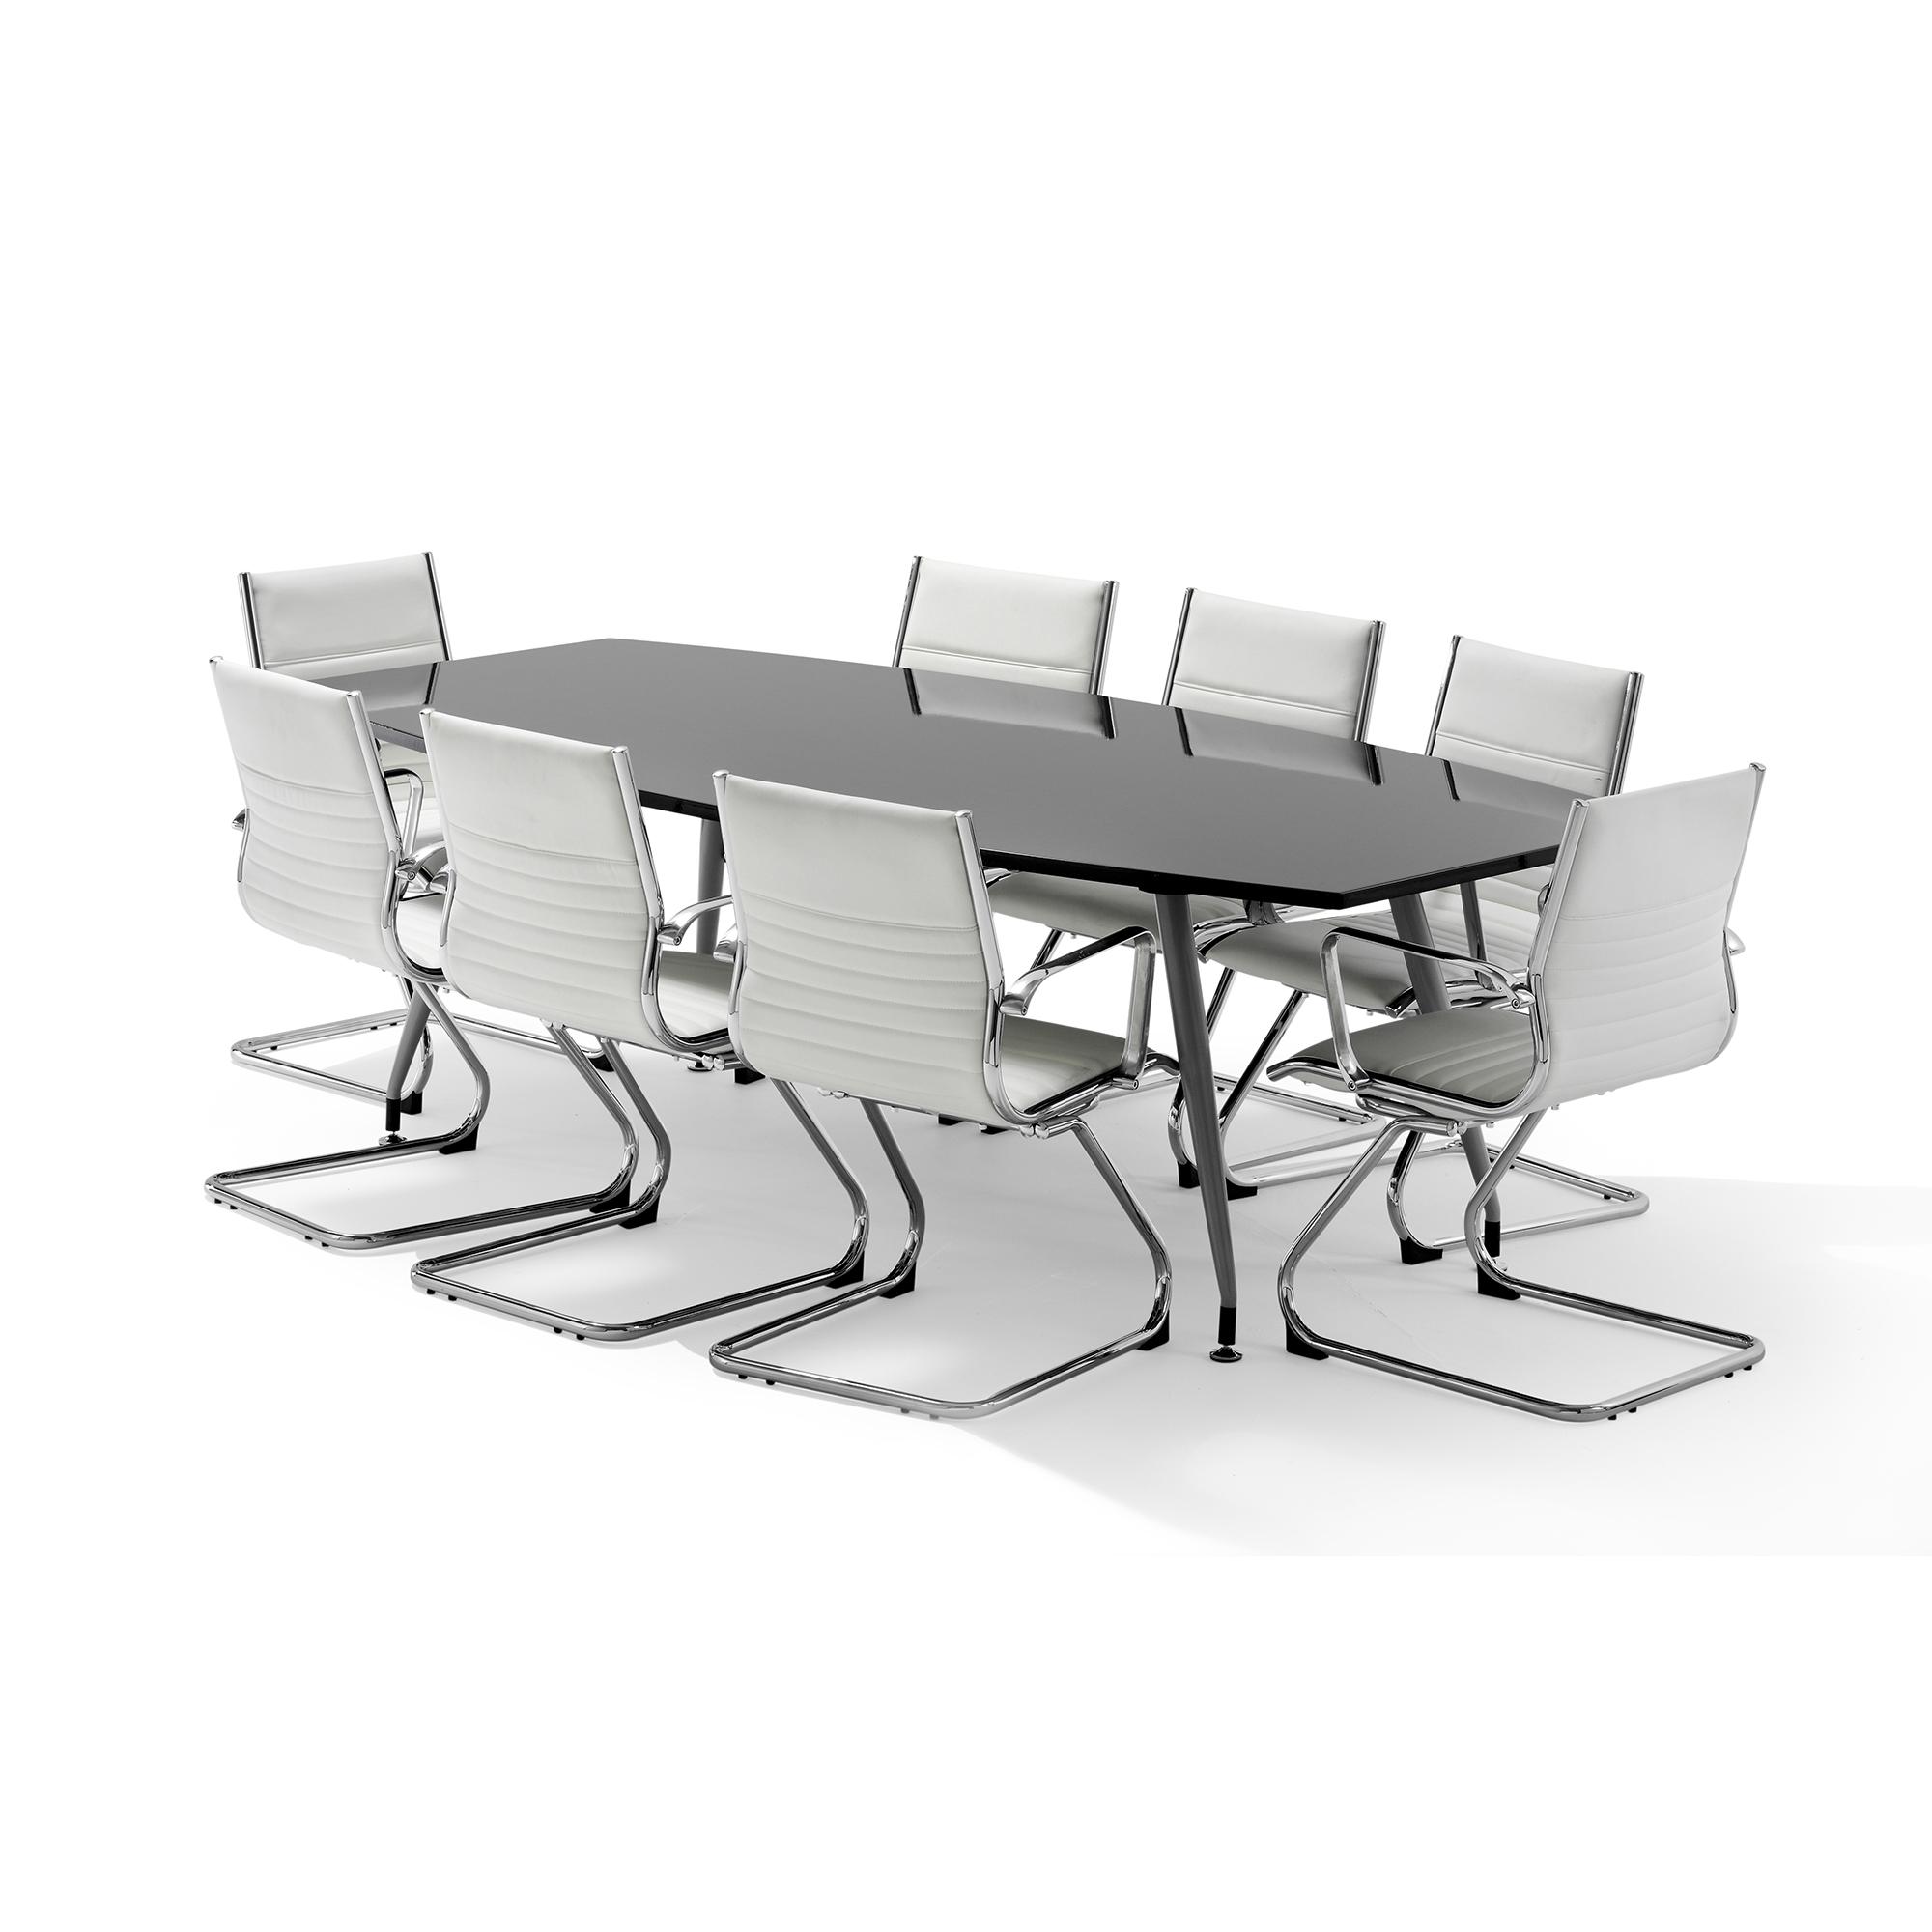 Sonix Boardroom Table Writable Gloss 2400x1200x800mm Black Ref I003058